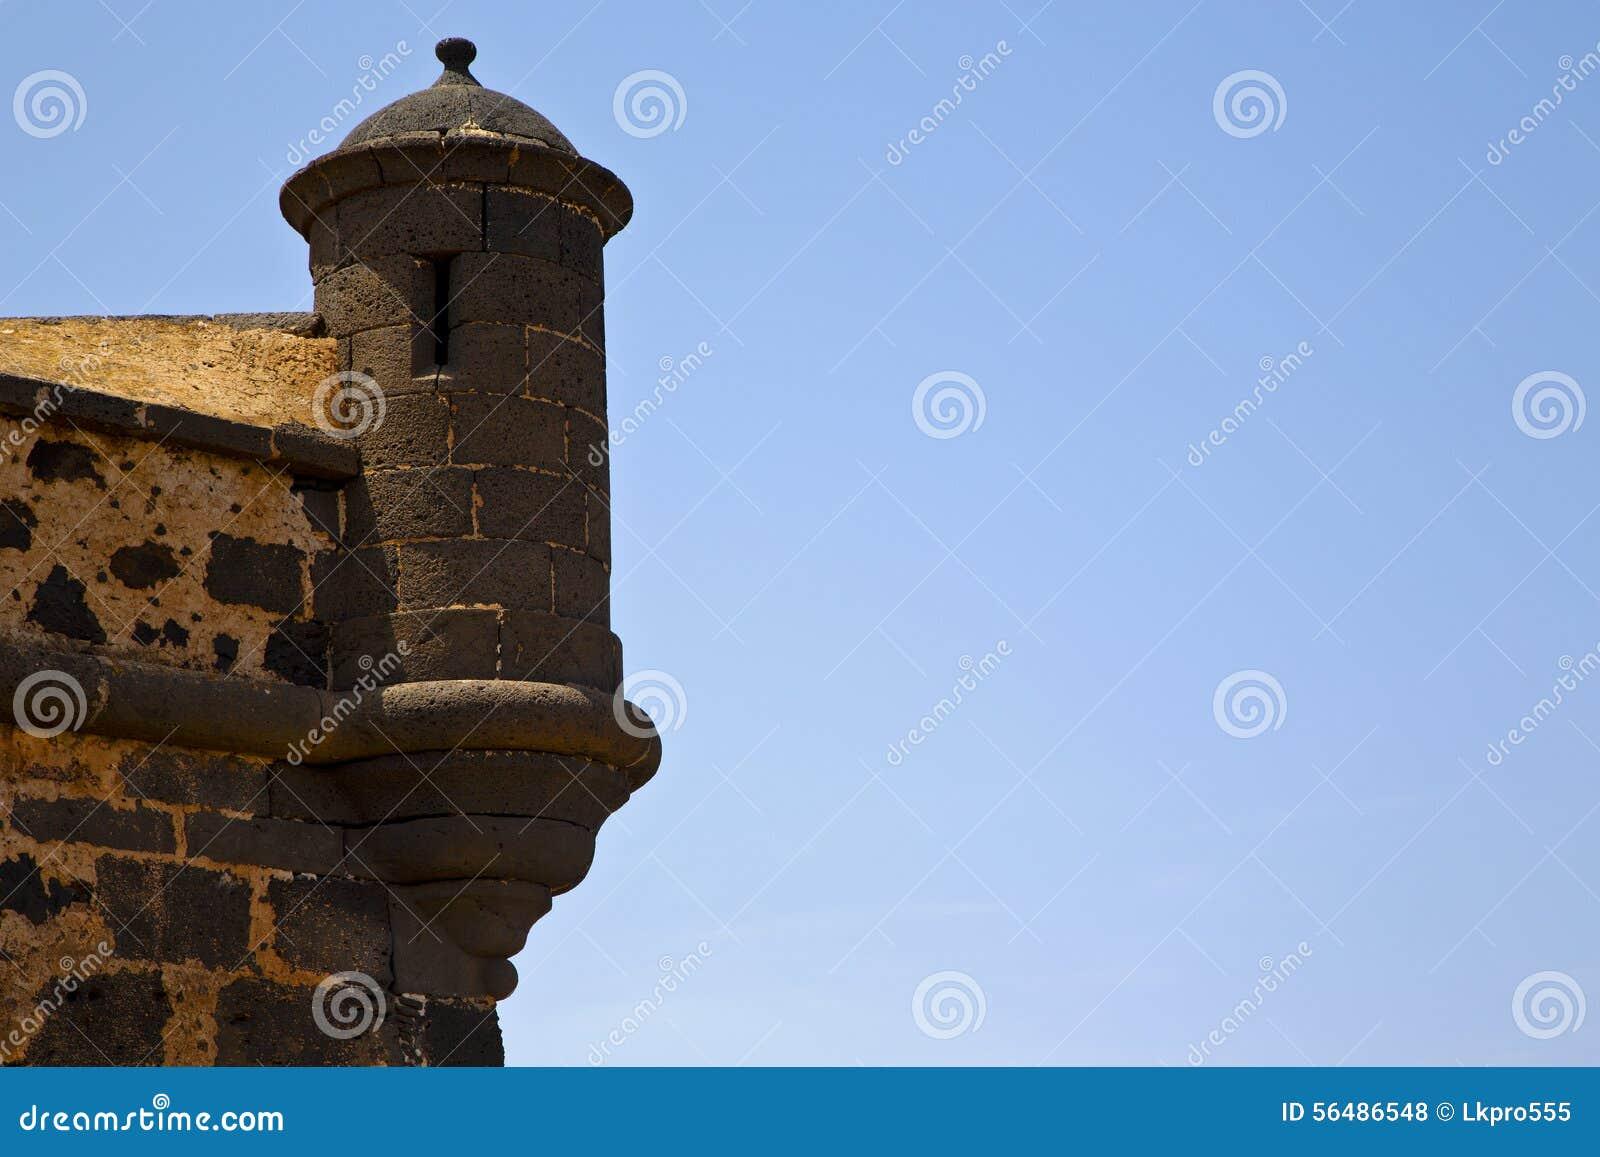 Lanzarote Espagne la vieilles tour et fente de sentinelle de château de mur dedans